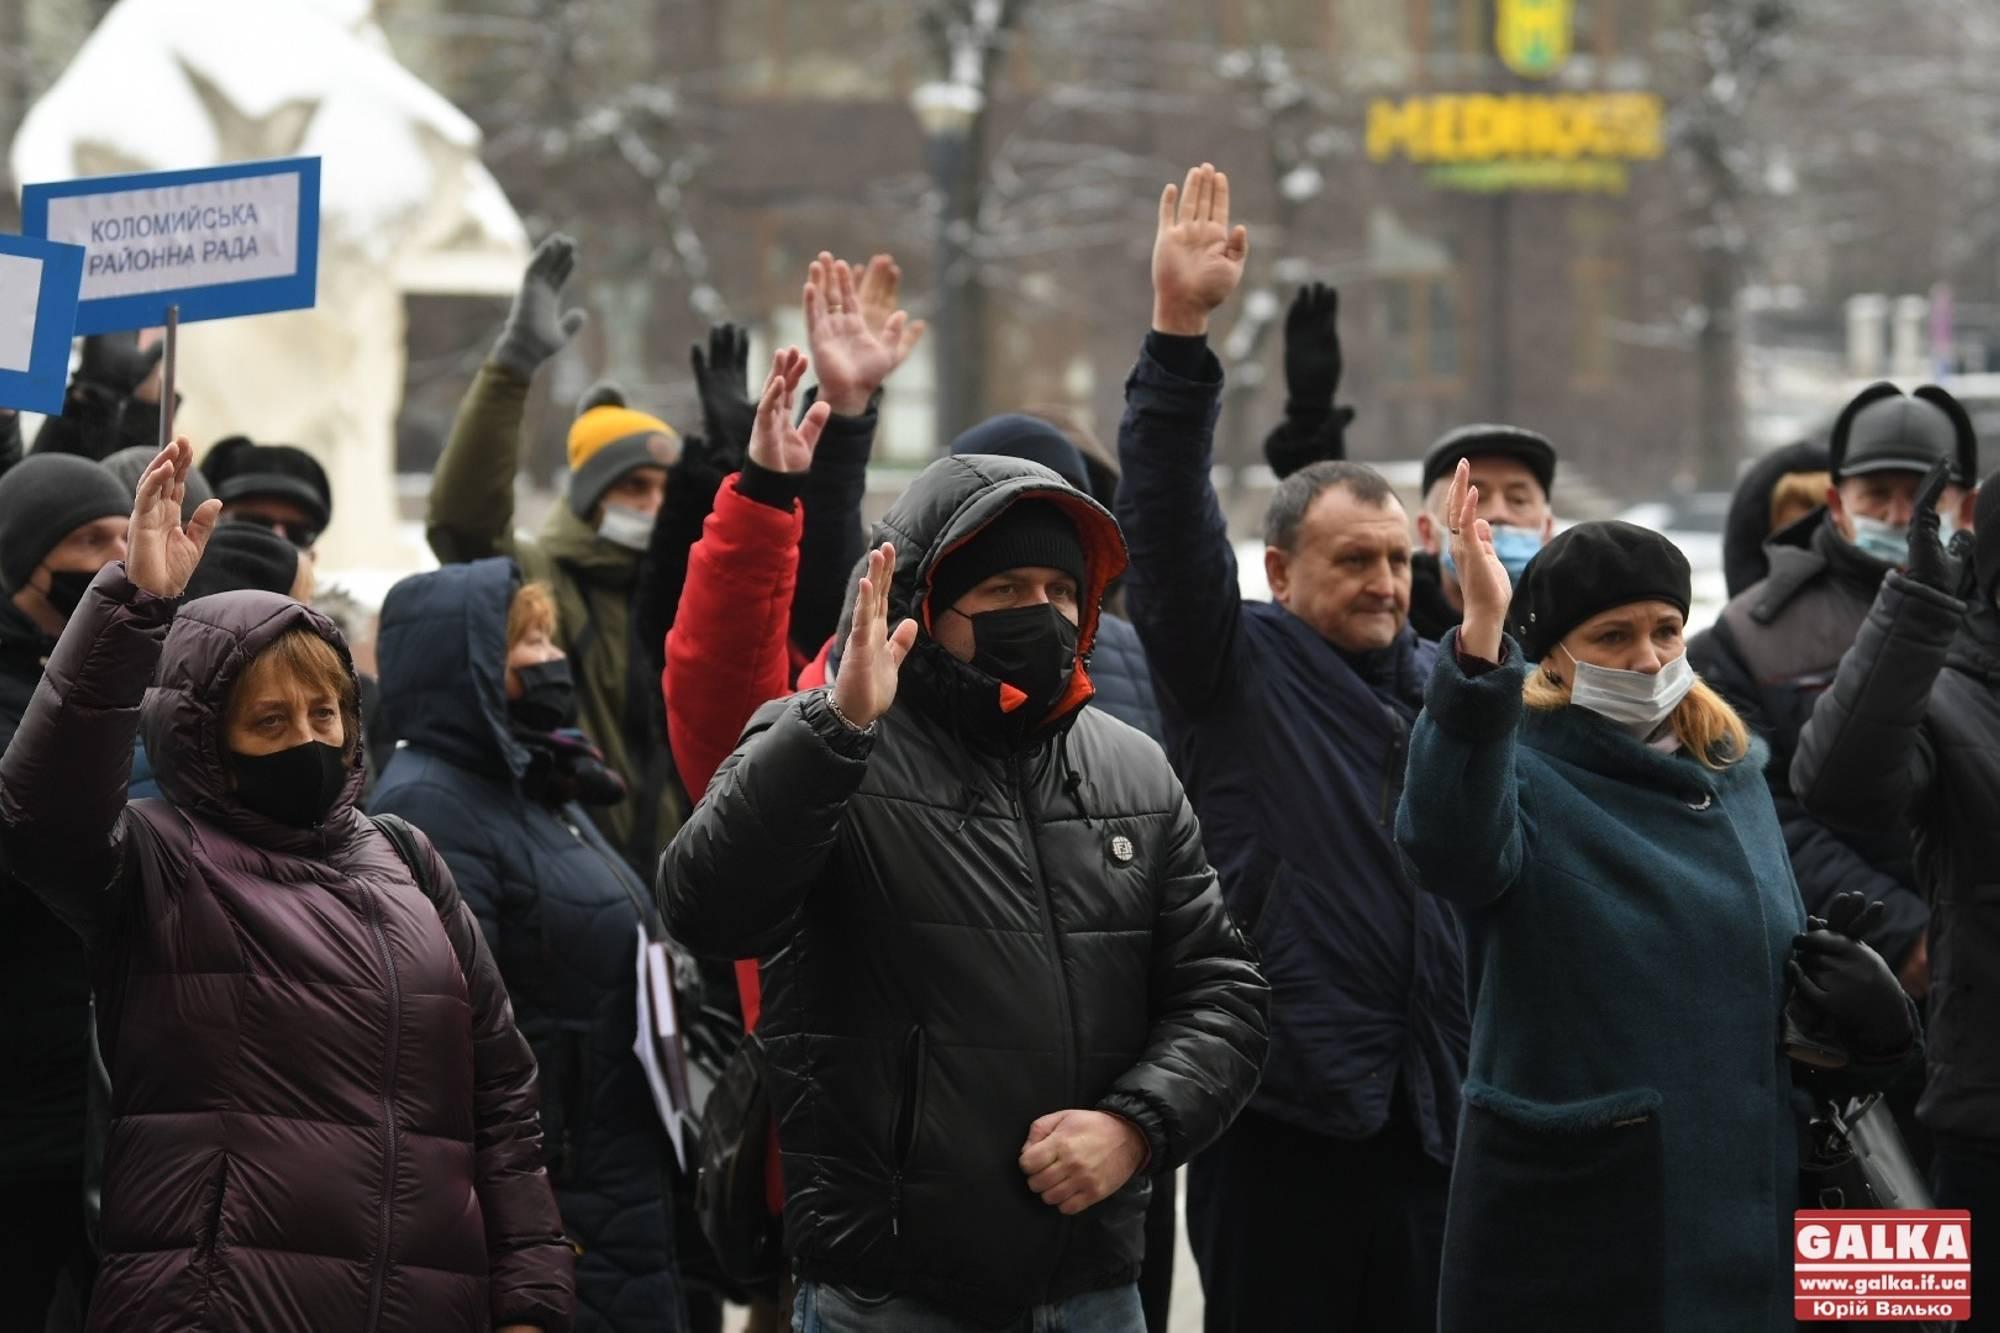 Сесія на морозі: райради Прикарпаття вимагають у президента й уряду забезпечити їх фінансуванням (ФОТО)